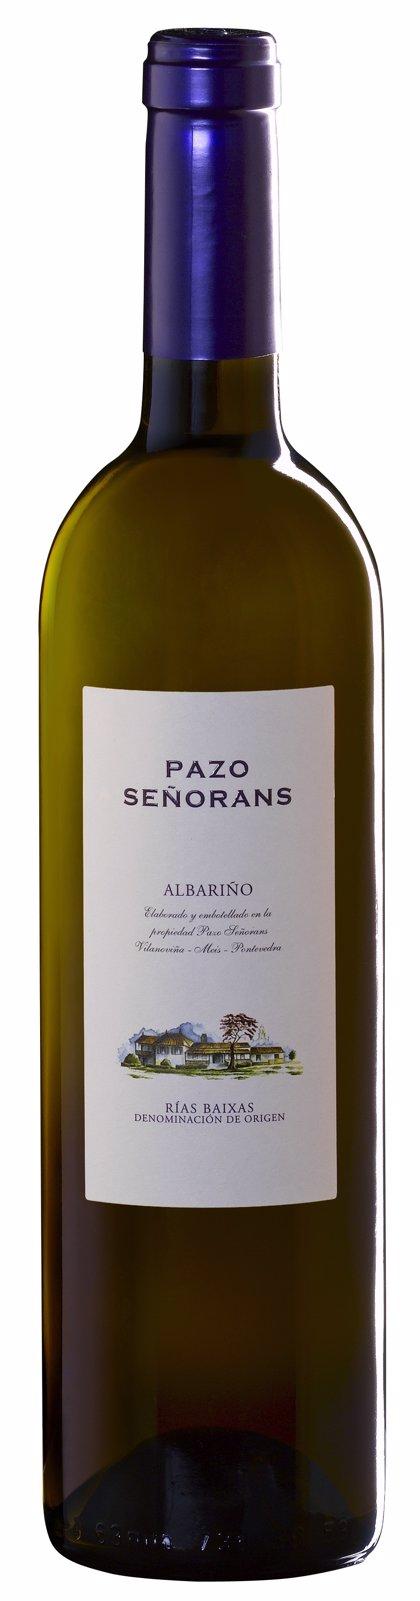 """La nueva añada 2013 del albariño Pazo de Señorans, de """"alta intensidad"""" y con un """"marcado carácter varietal"""""""